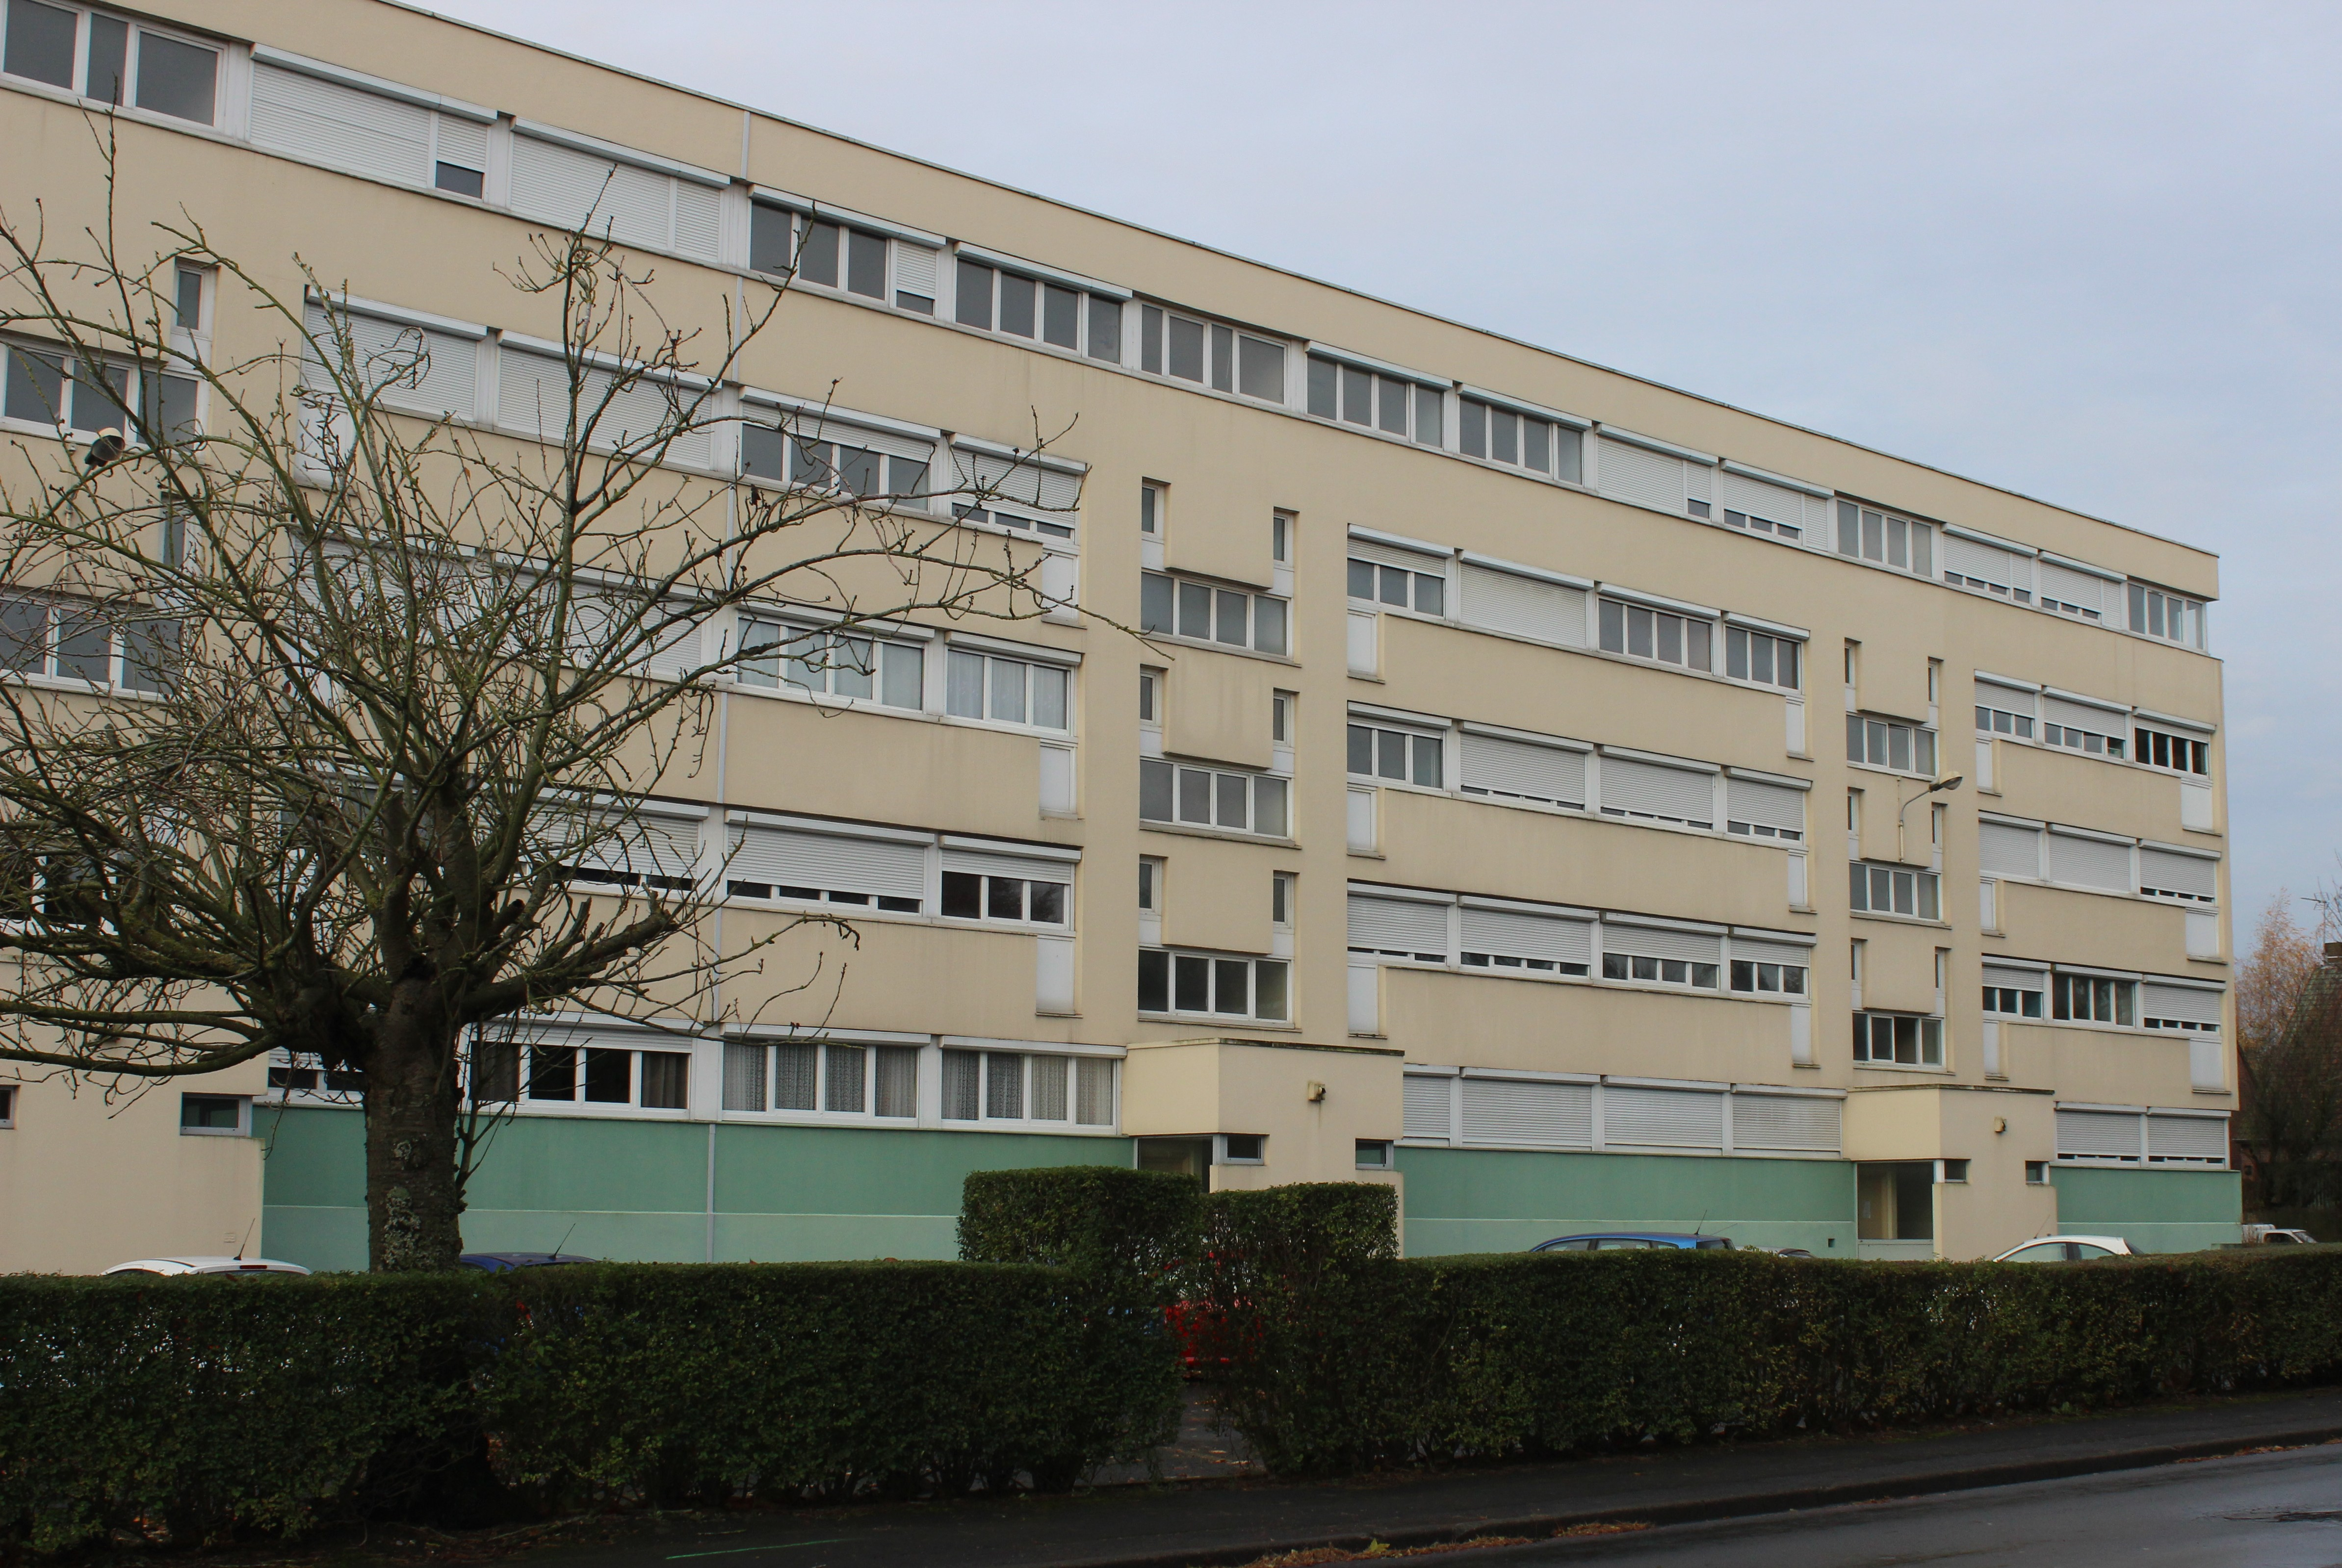 La SA du Hainaut achète l'ancienne caserne des douanes